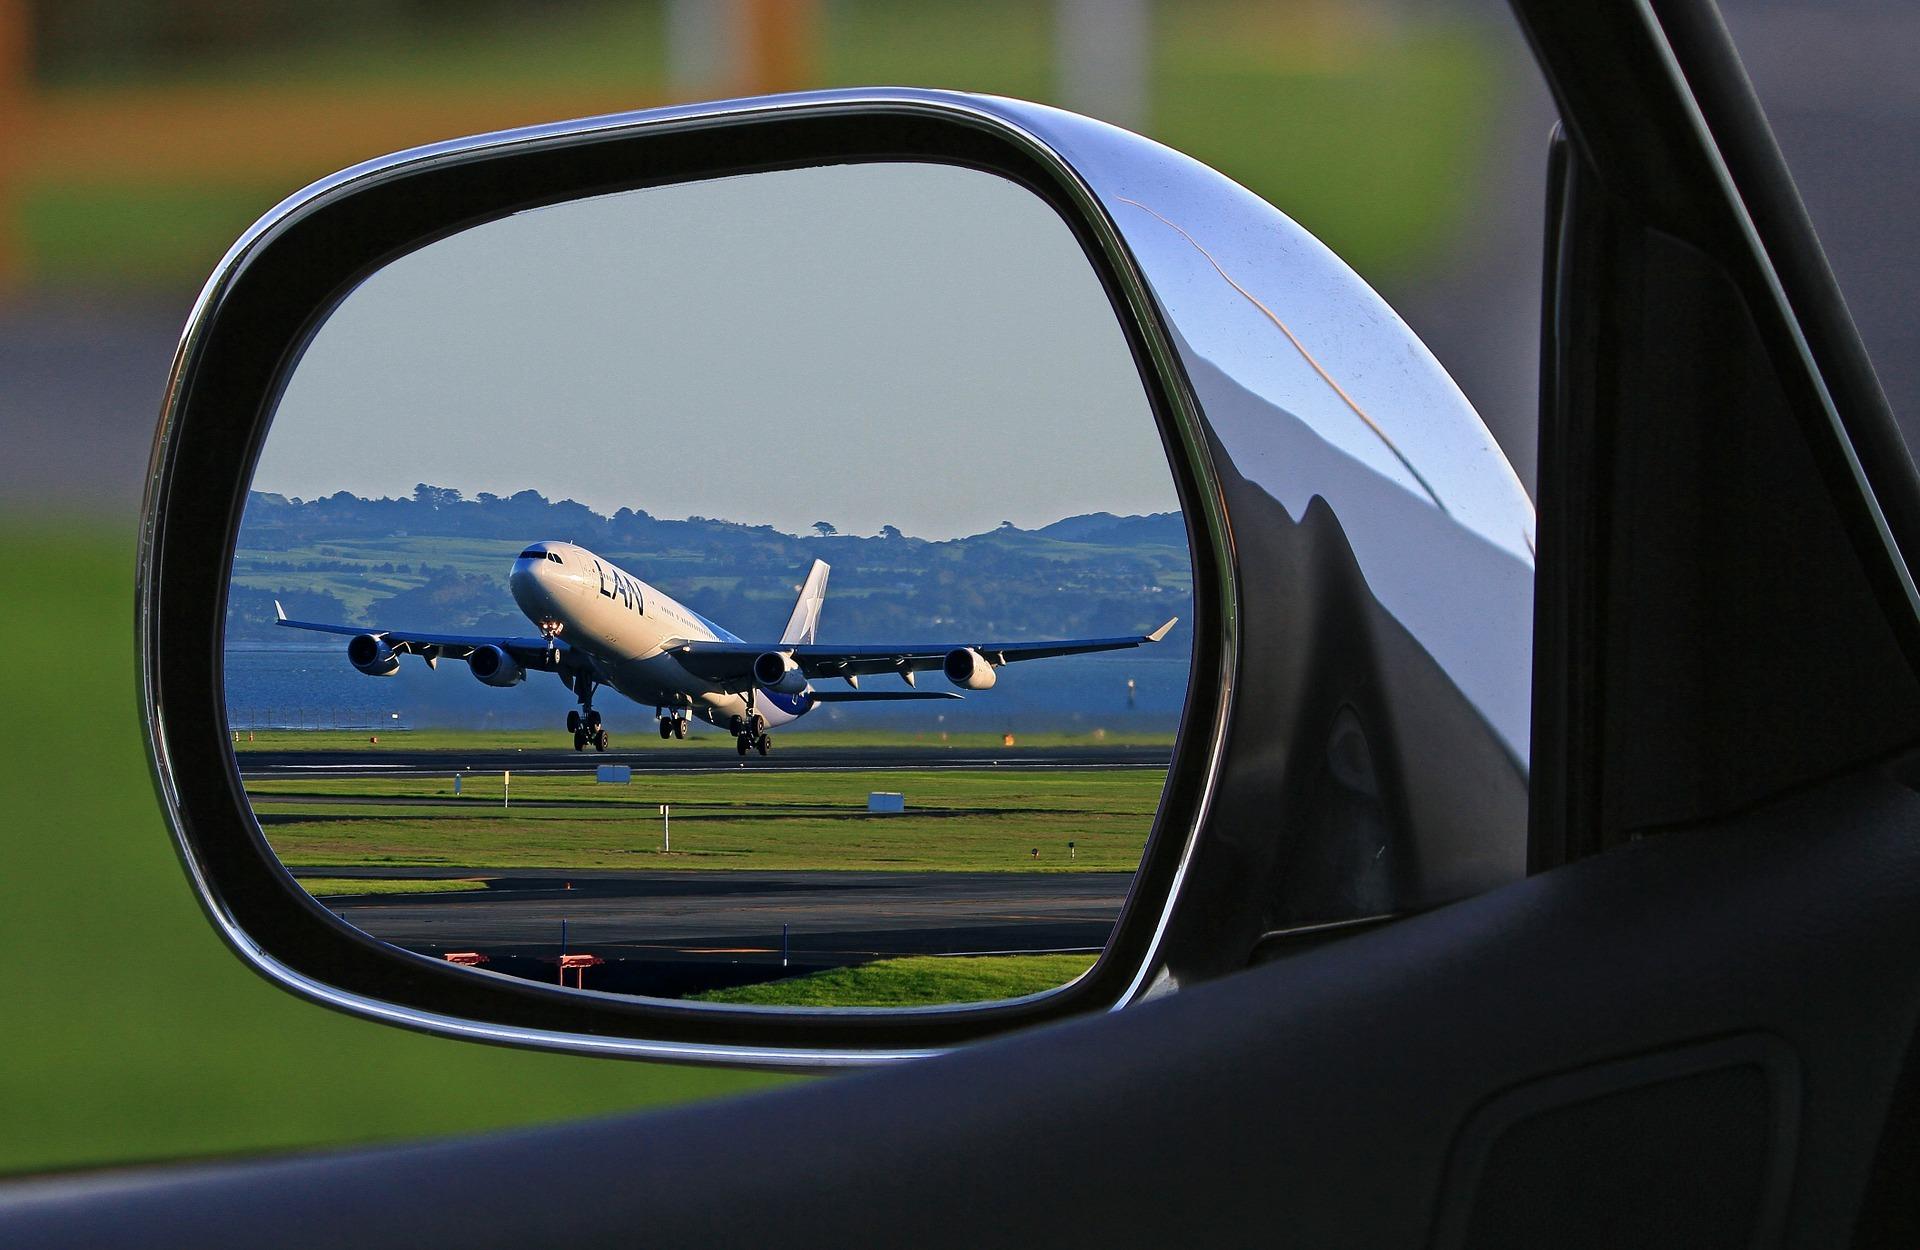 オヘア空港−シカゴ市内ホテル間 専用車 片道送迎サービス